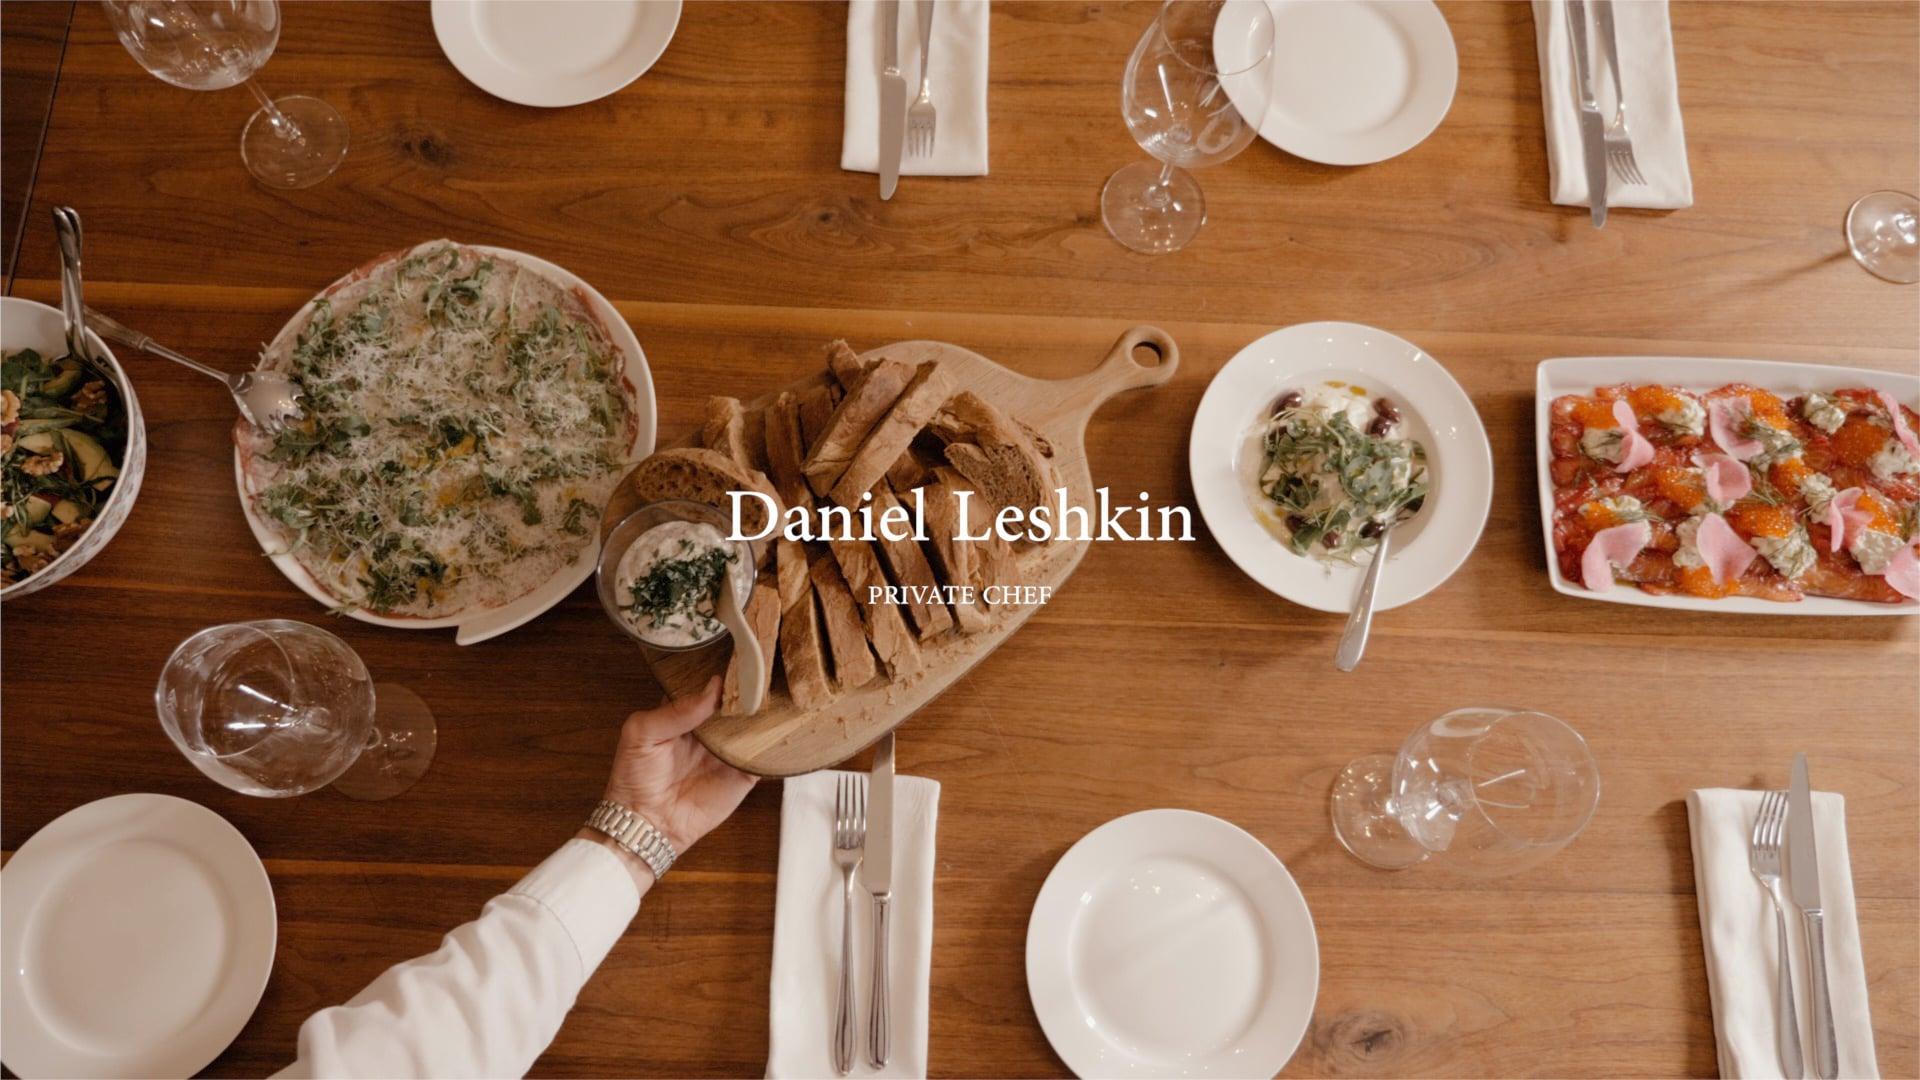 Daniel Leshkin Private Chef